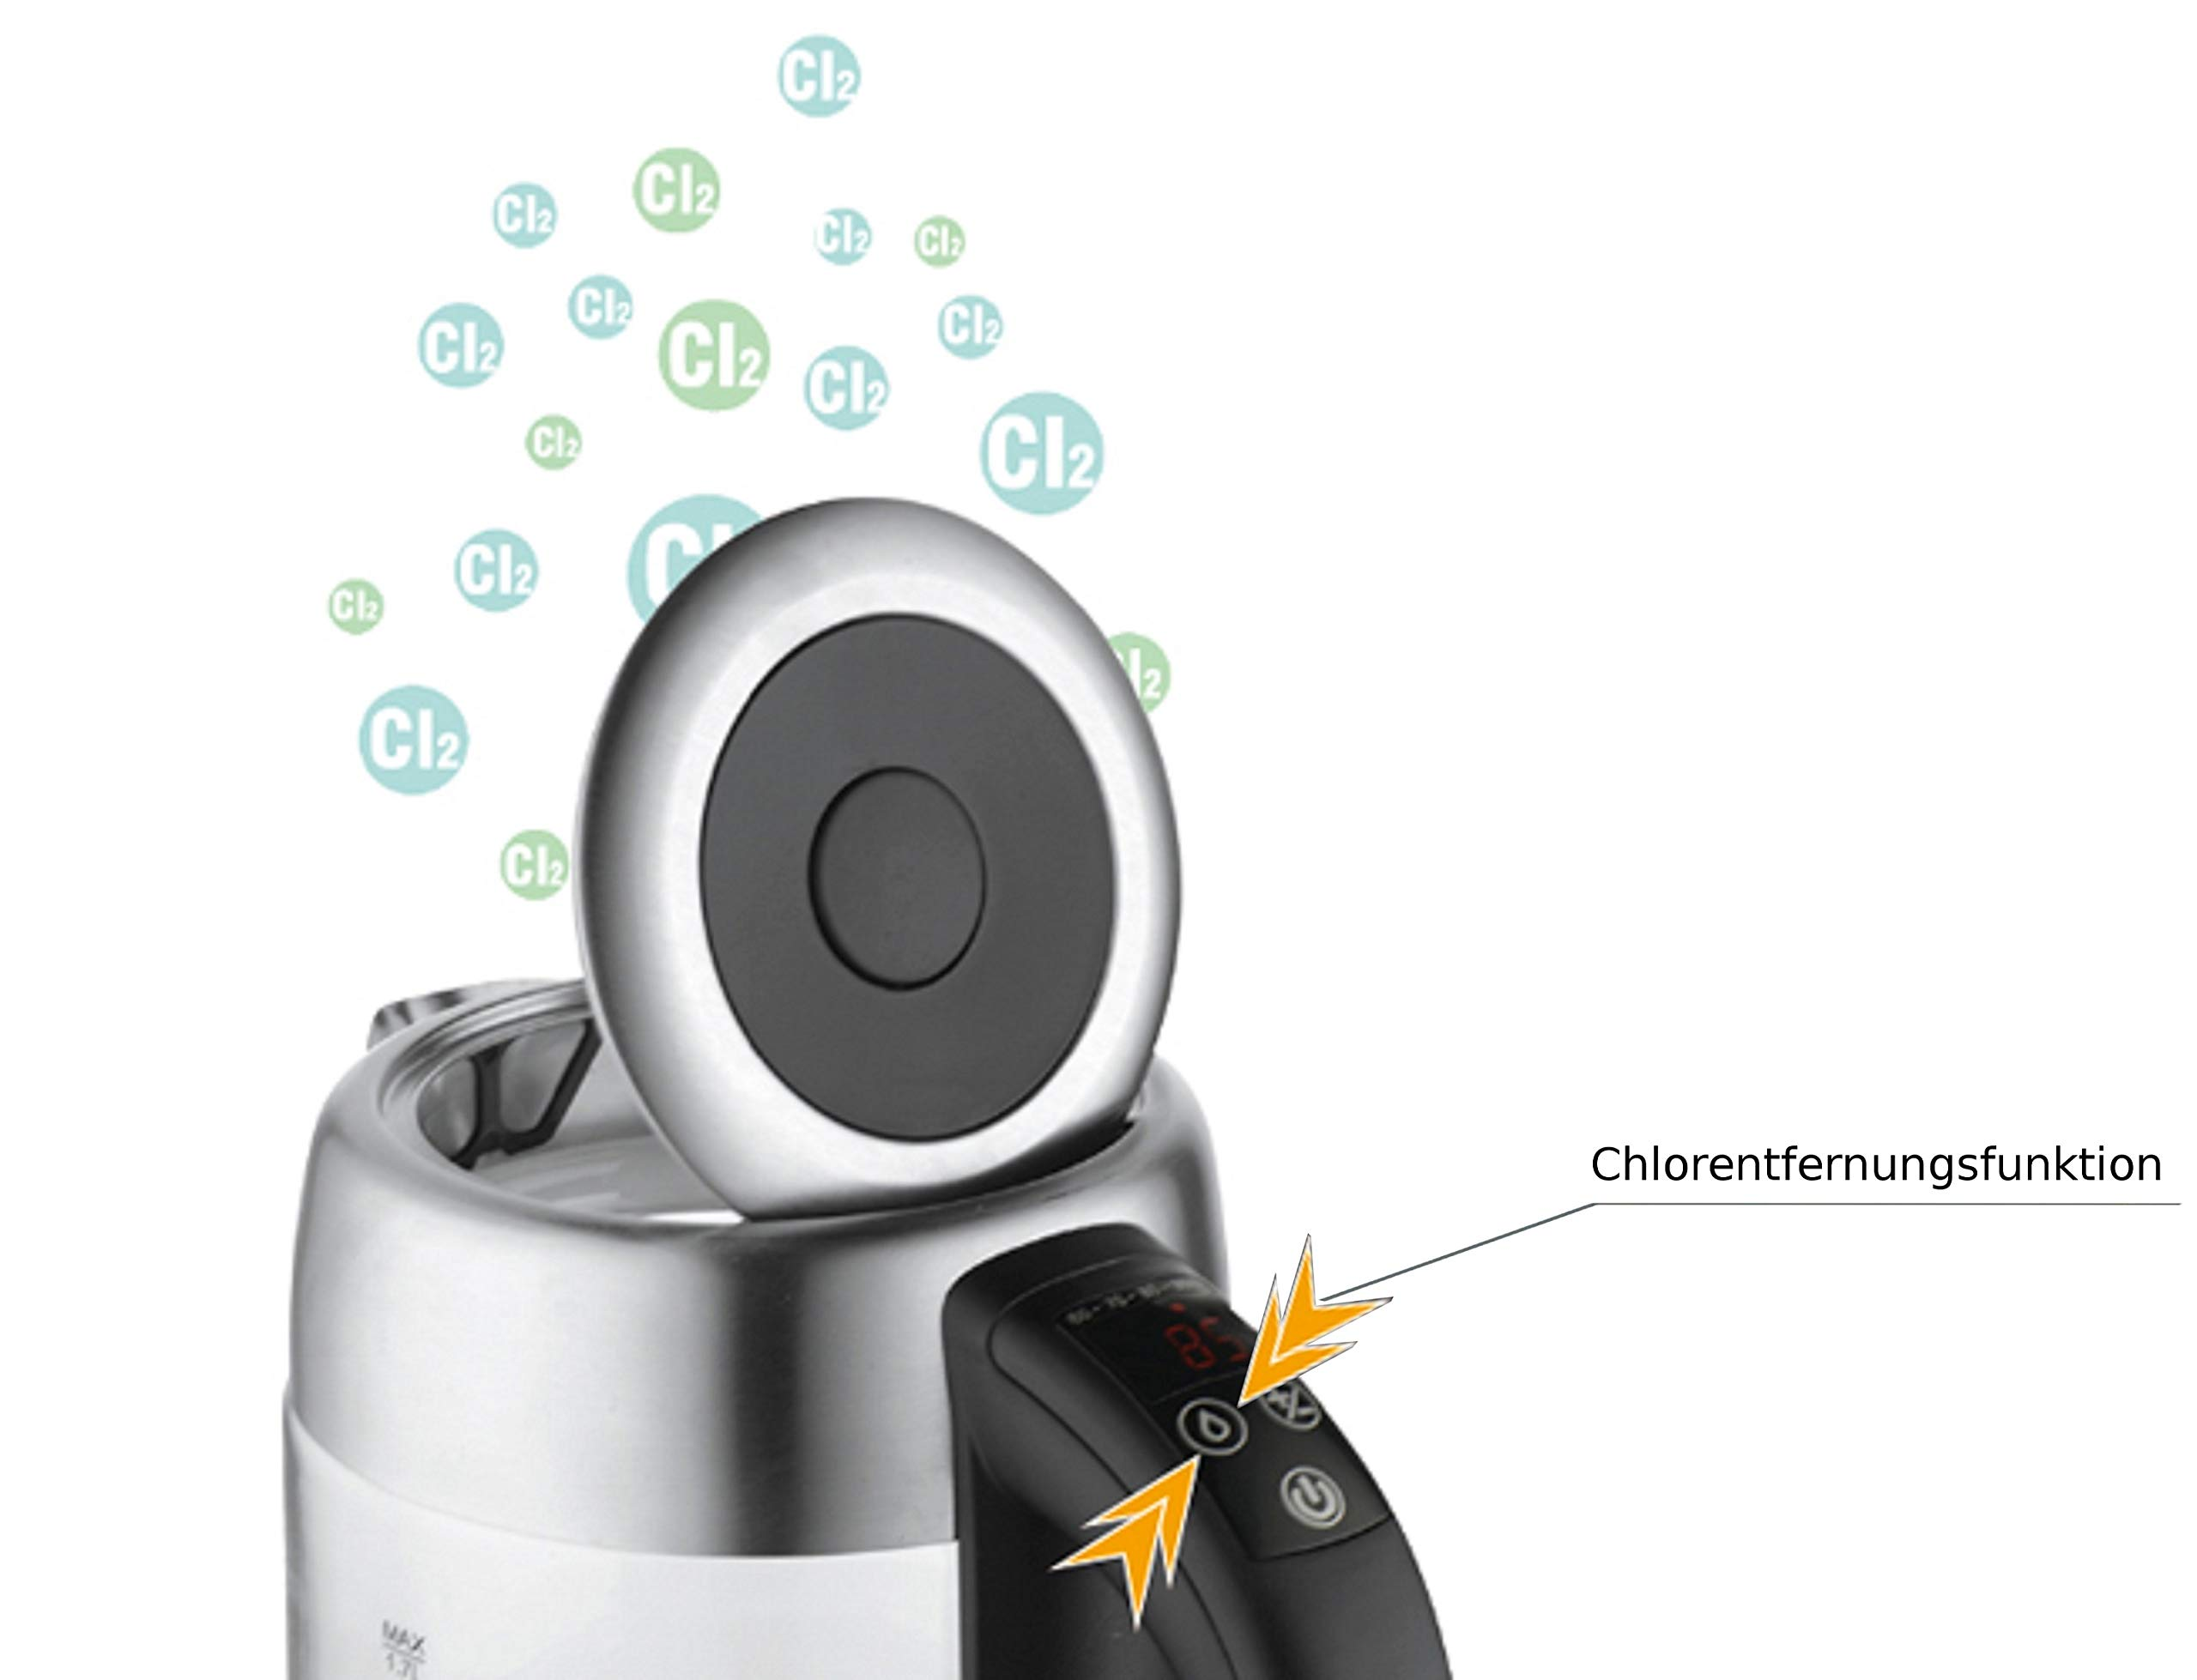 Glas-Edelstahl-Wasserkocher-Teekocher-Edelstahlwasserkocher-Elektrischer-Wasserkocher-2200-Watt-17-Liter-Warmhaltefunktion-LED-Beleuchtung-Temperatureinstellung-60C-100C